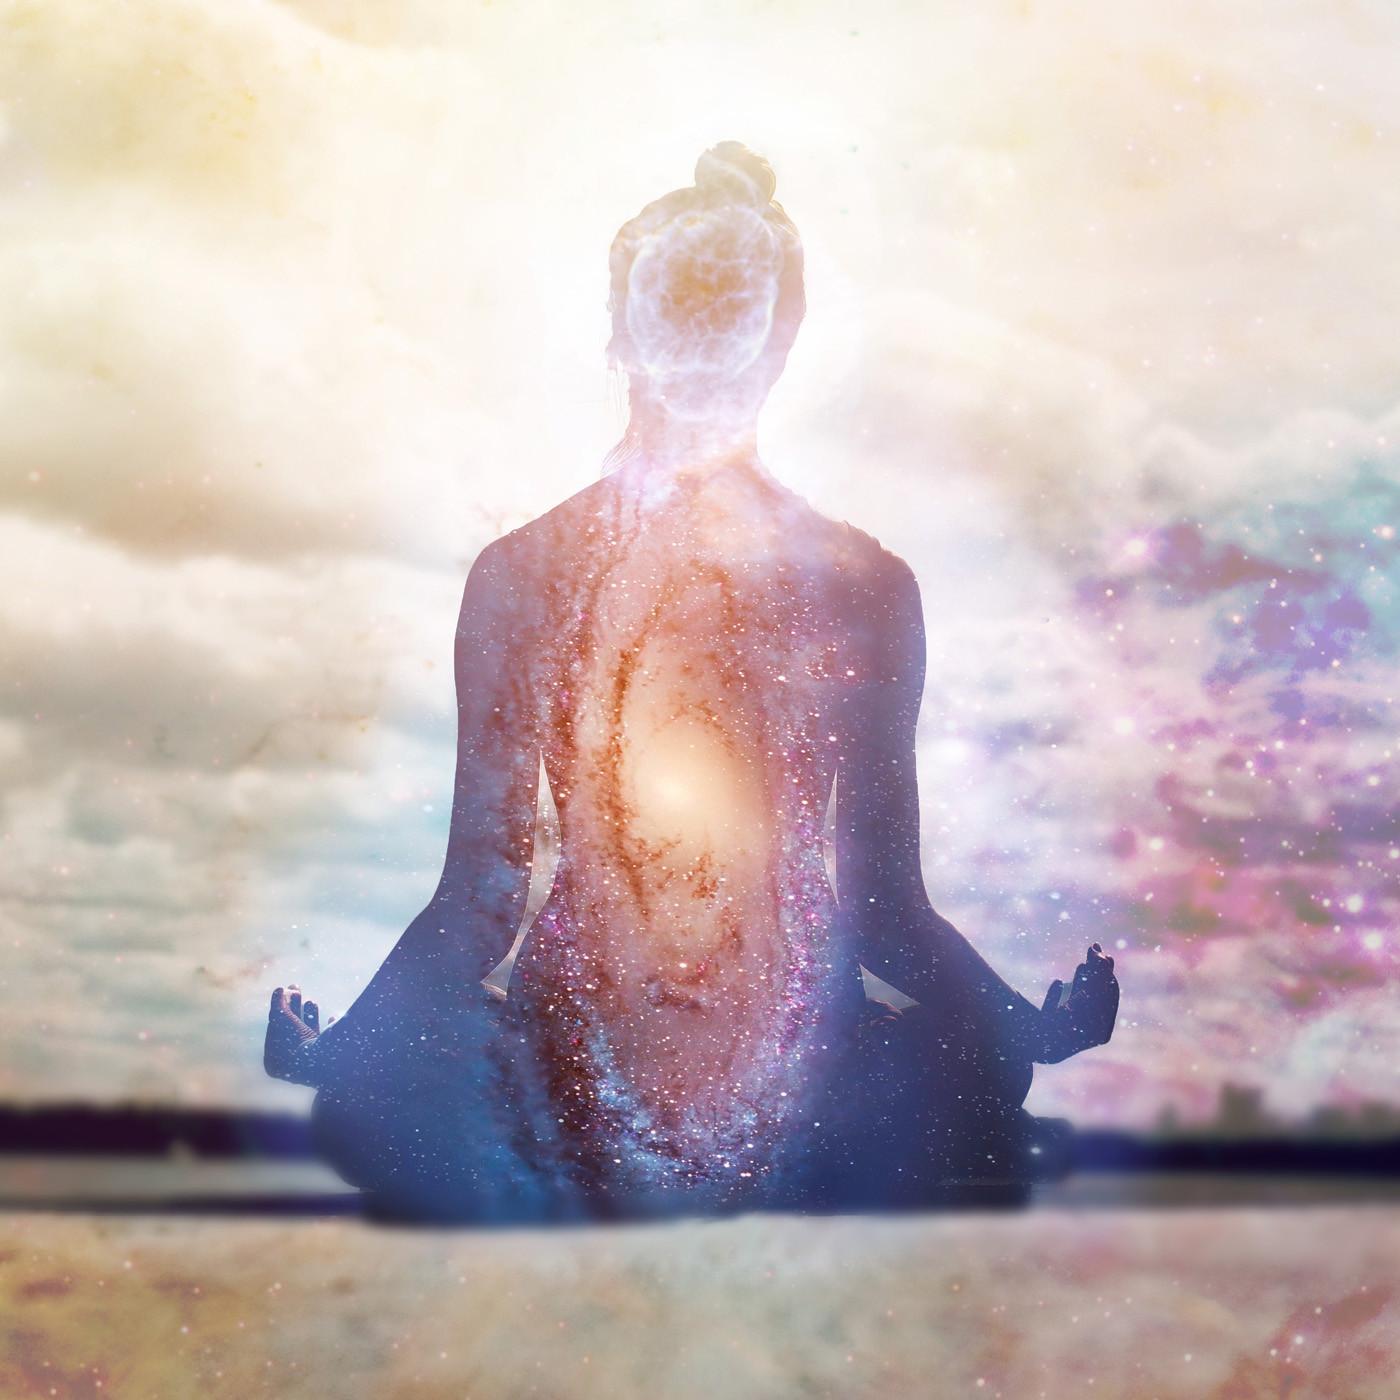 Le corps, une voie spirituelle - Dossier n°42